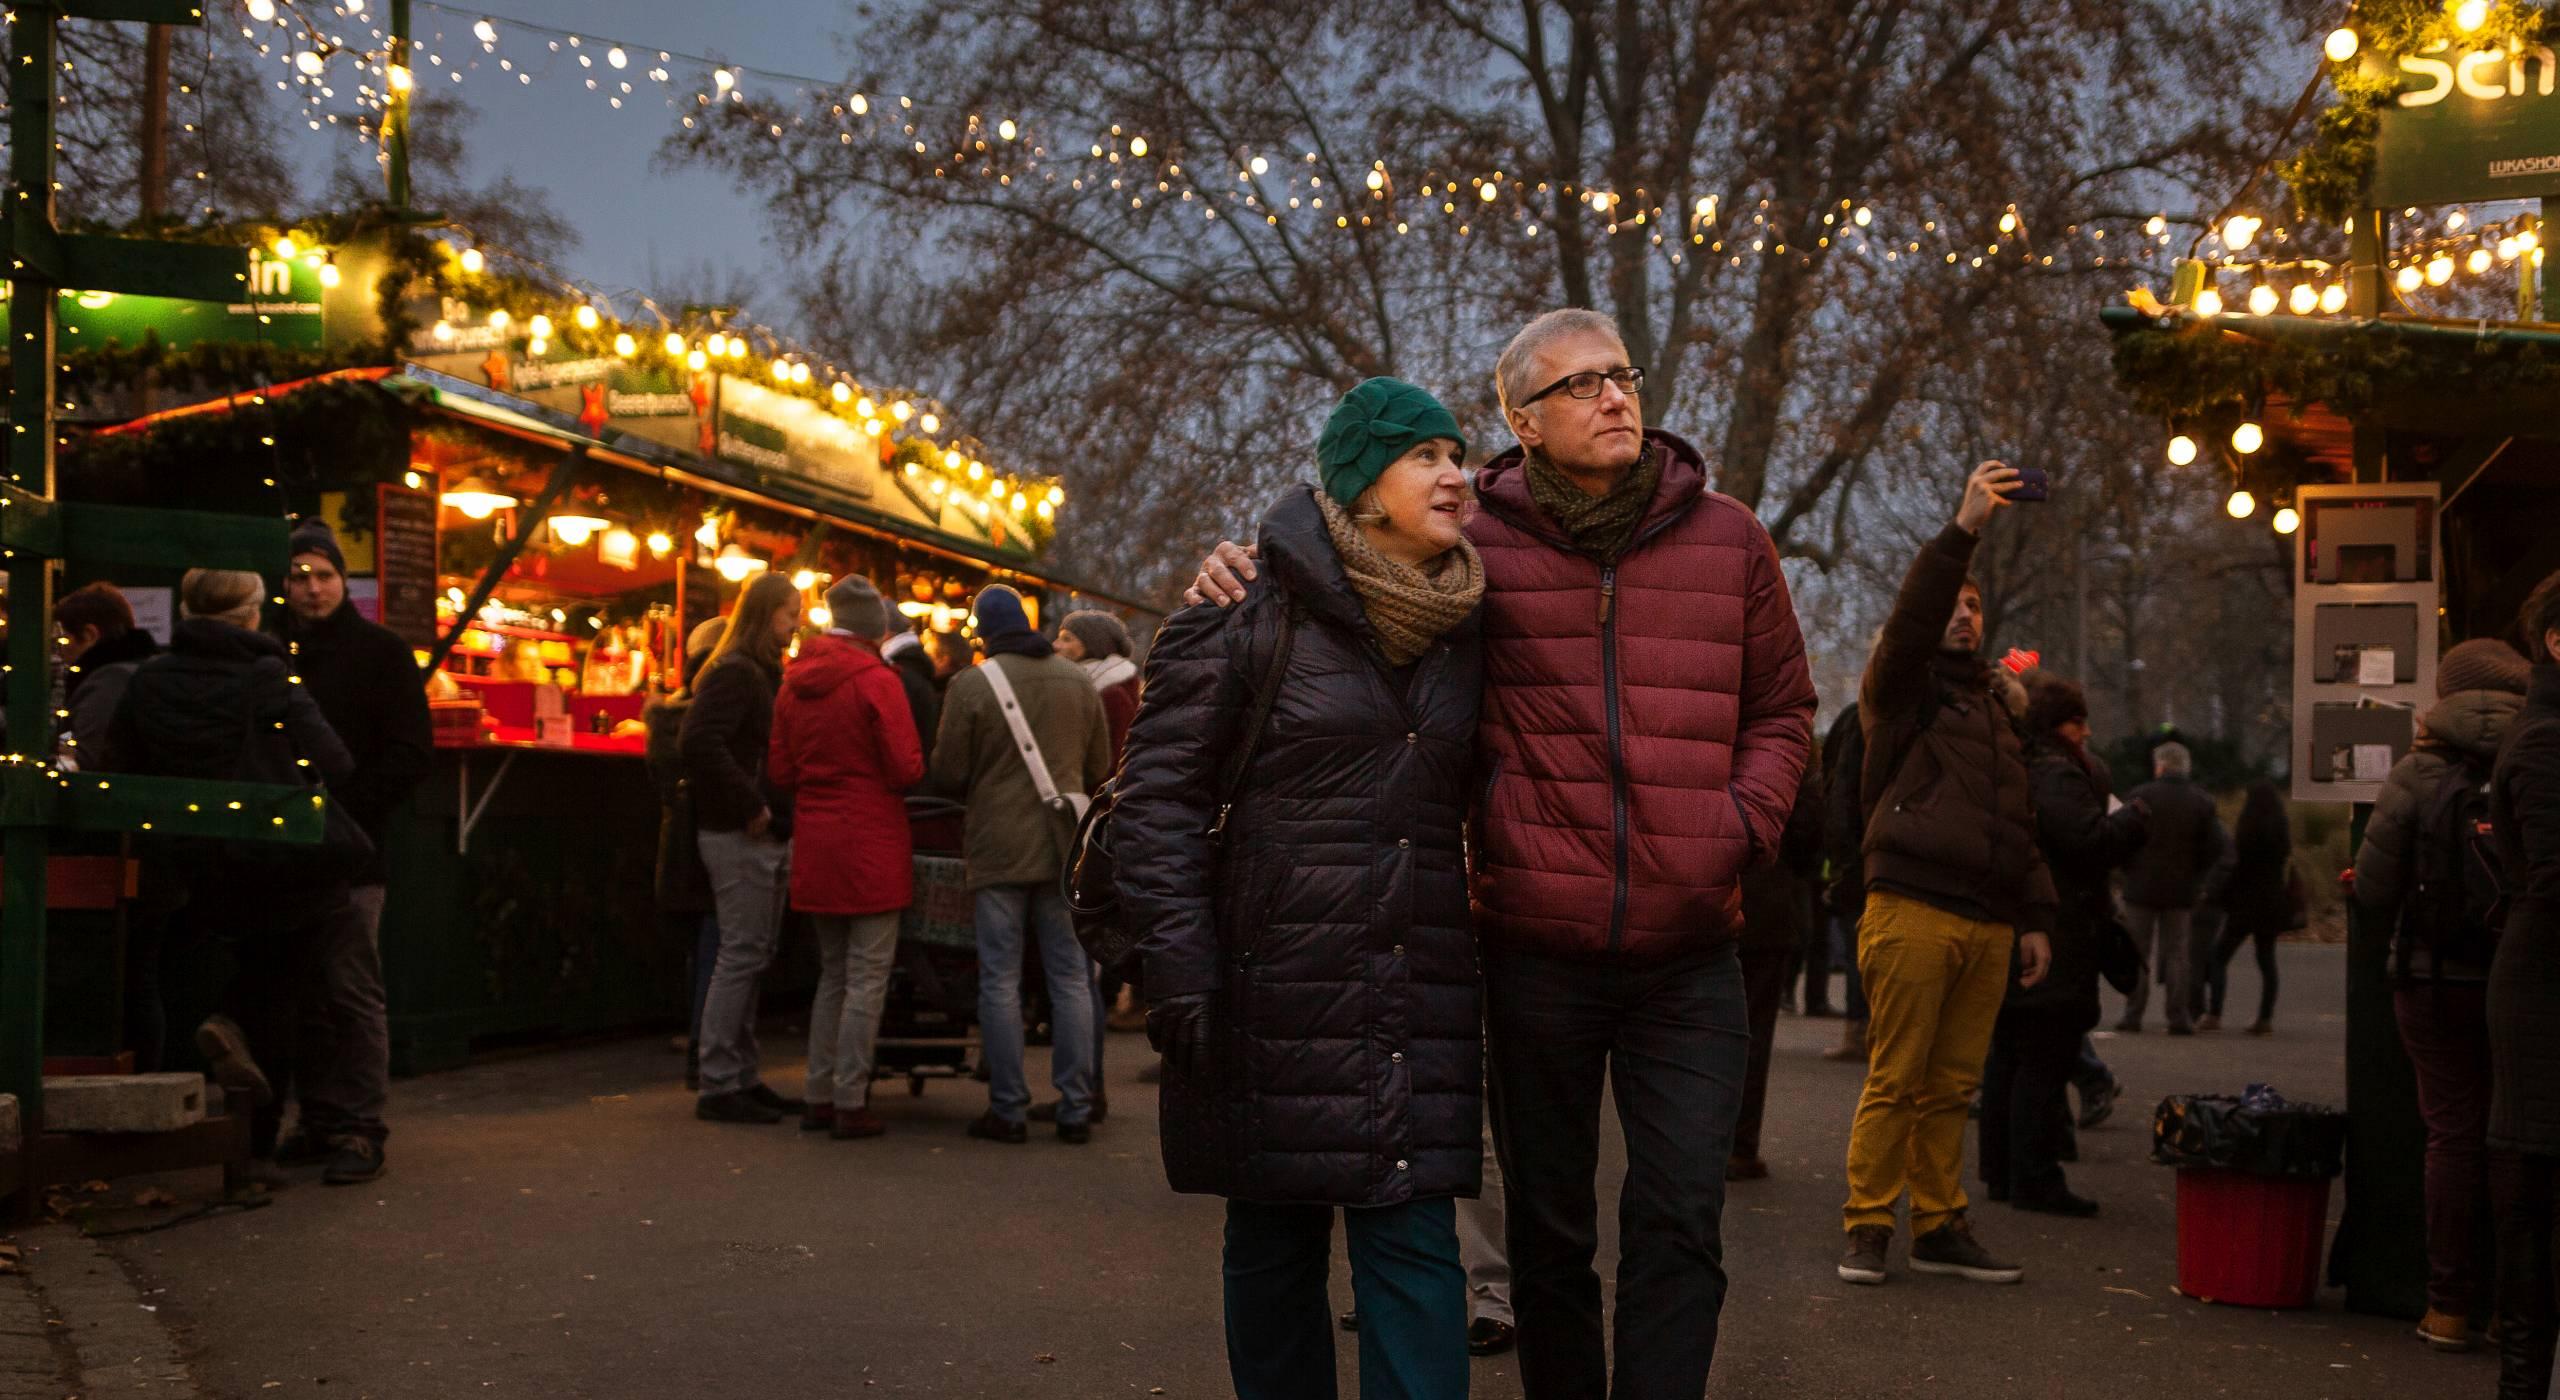 Ein Pärchen mittleren Alters in Winterkleidung flaniert Arm in Arm über einen Weihnachtsmarkt. Im Hintergrund sieht man bunt beleuchtete Marktstände. Foto: Stephan Doleschal